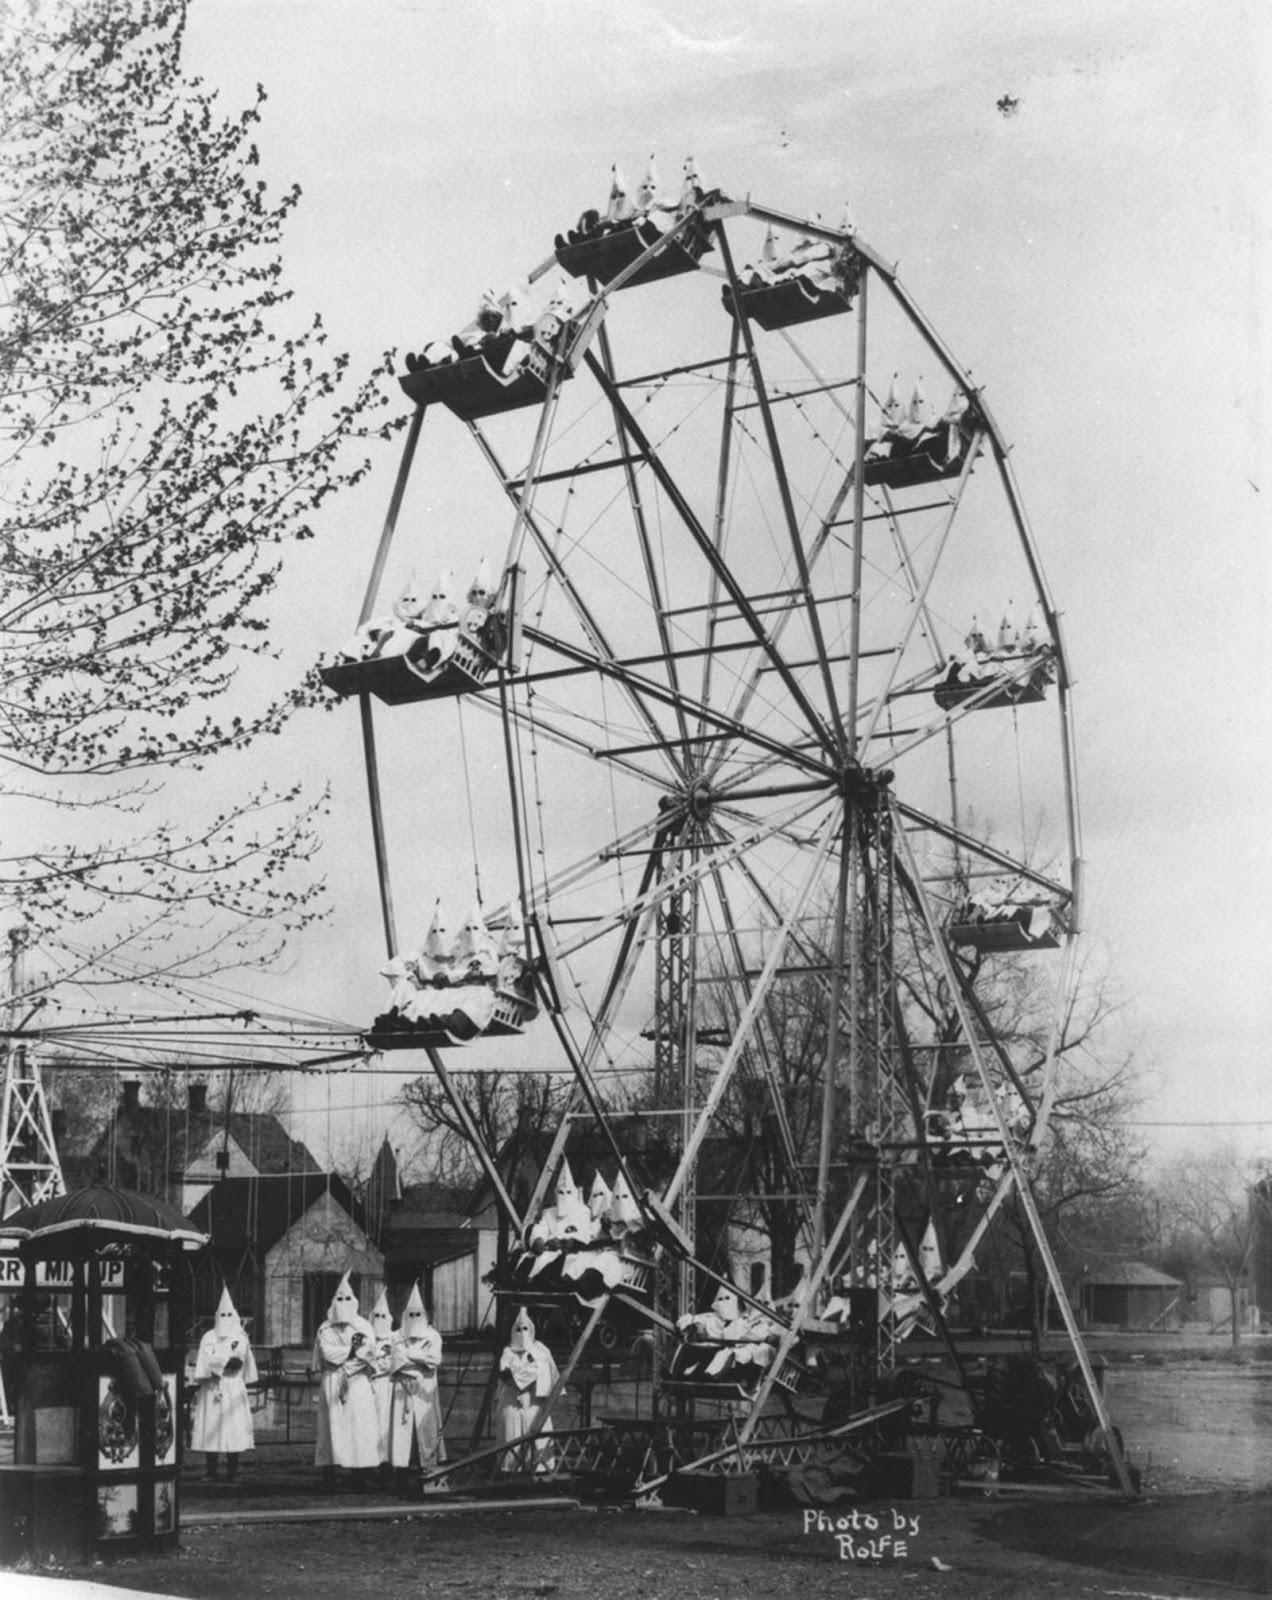 Ku Klux Klan on a ferris wheel, 1926.